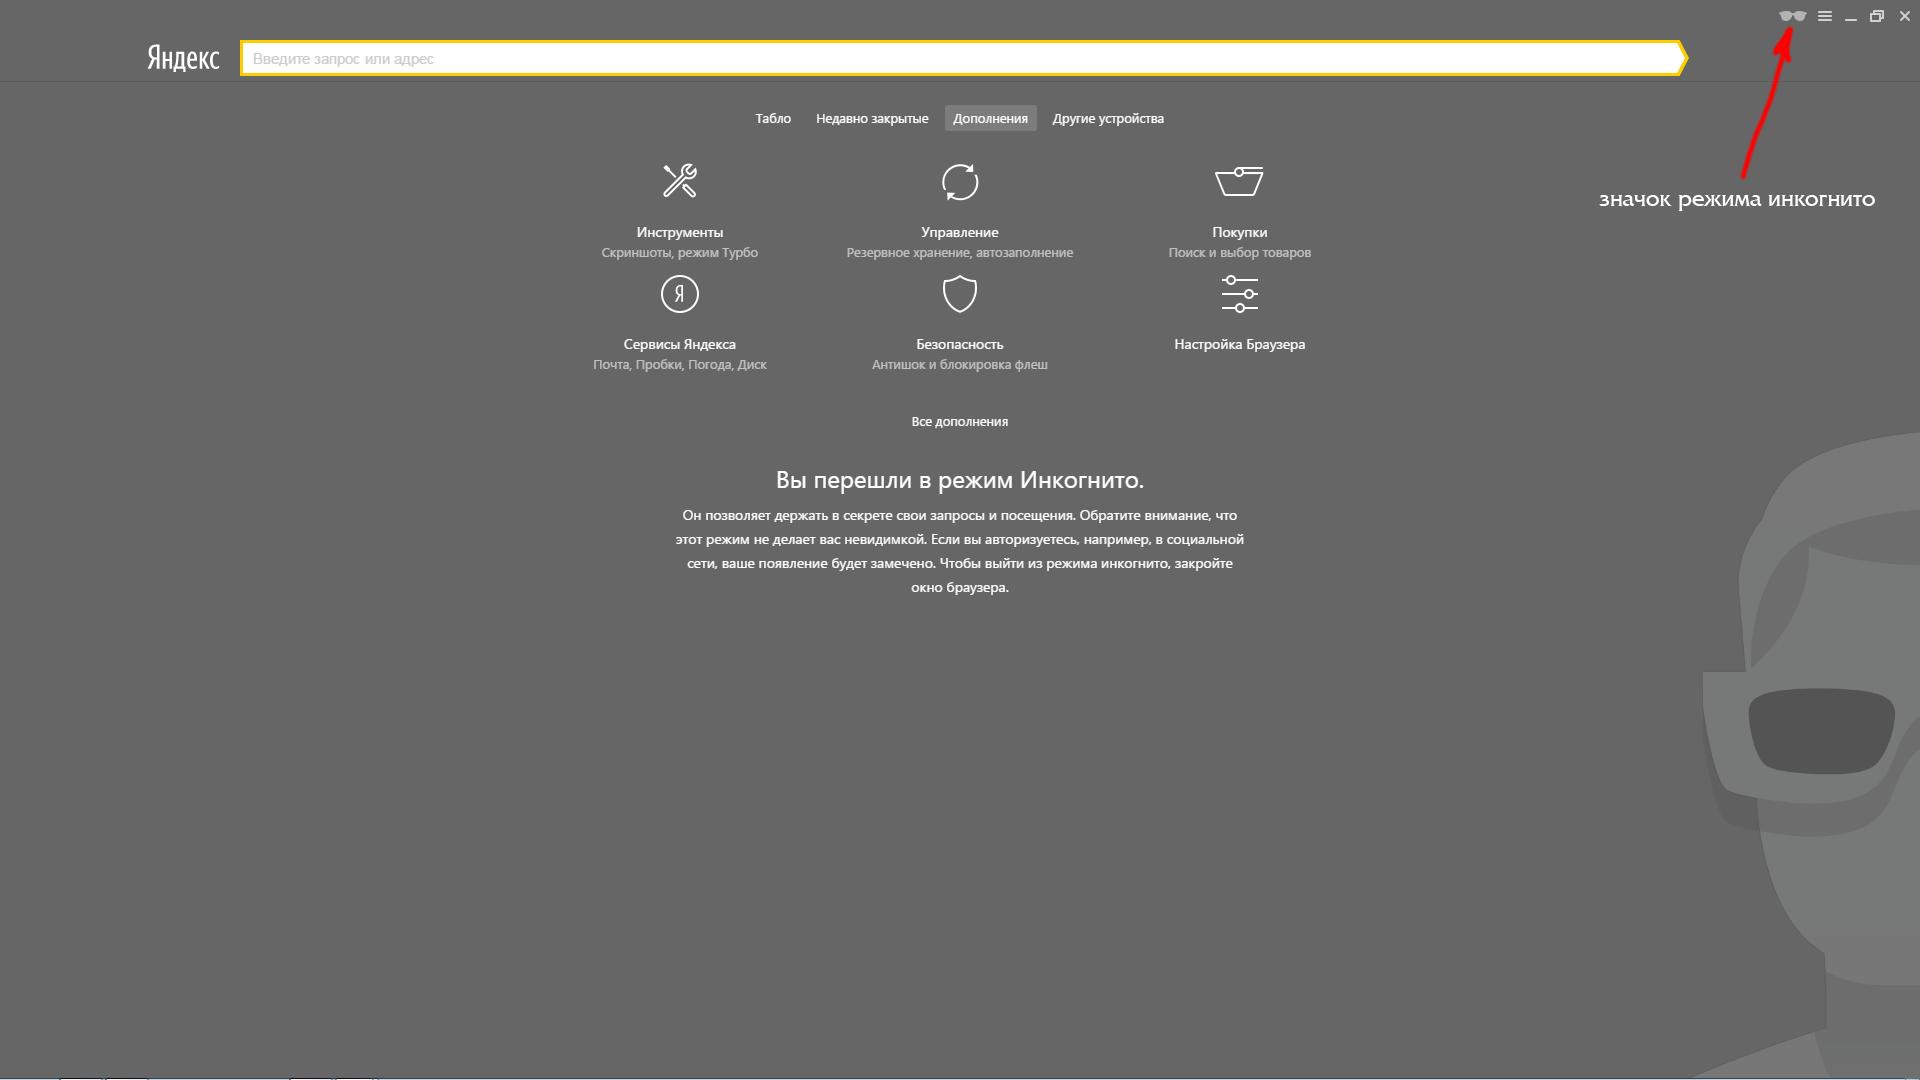 Как в Яндексе включить режим инкогнито? 10